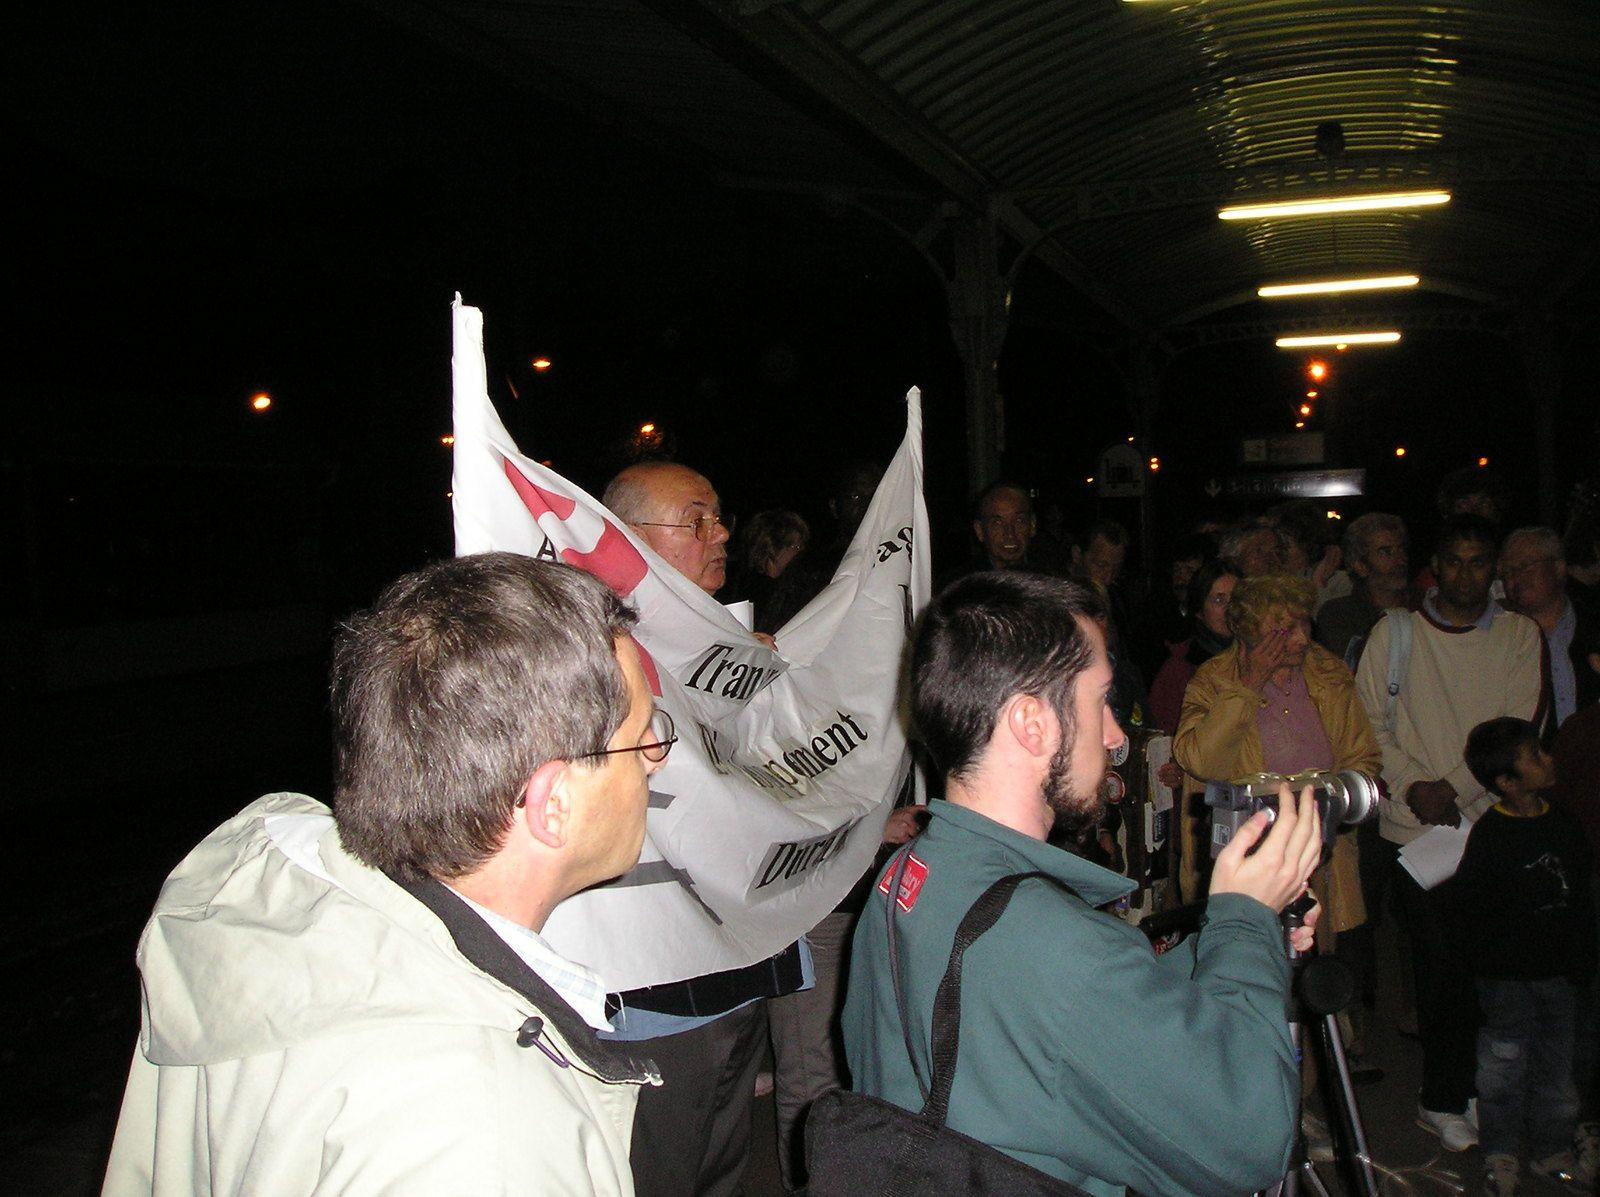 Intercités de nuit &quot&#x3B;Corail Lunéa&quot&#x3B; Paris Austerlitz - St Gervais - Paris